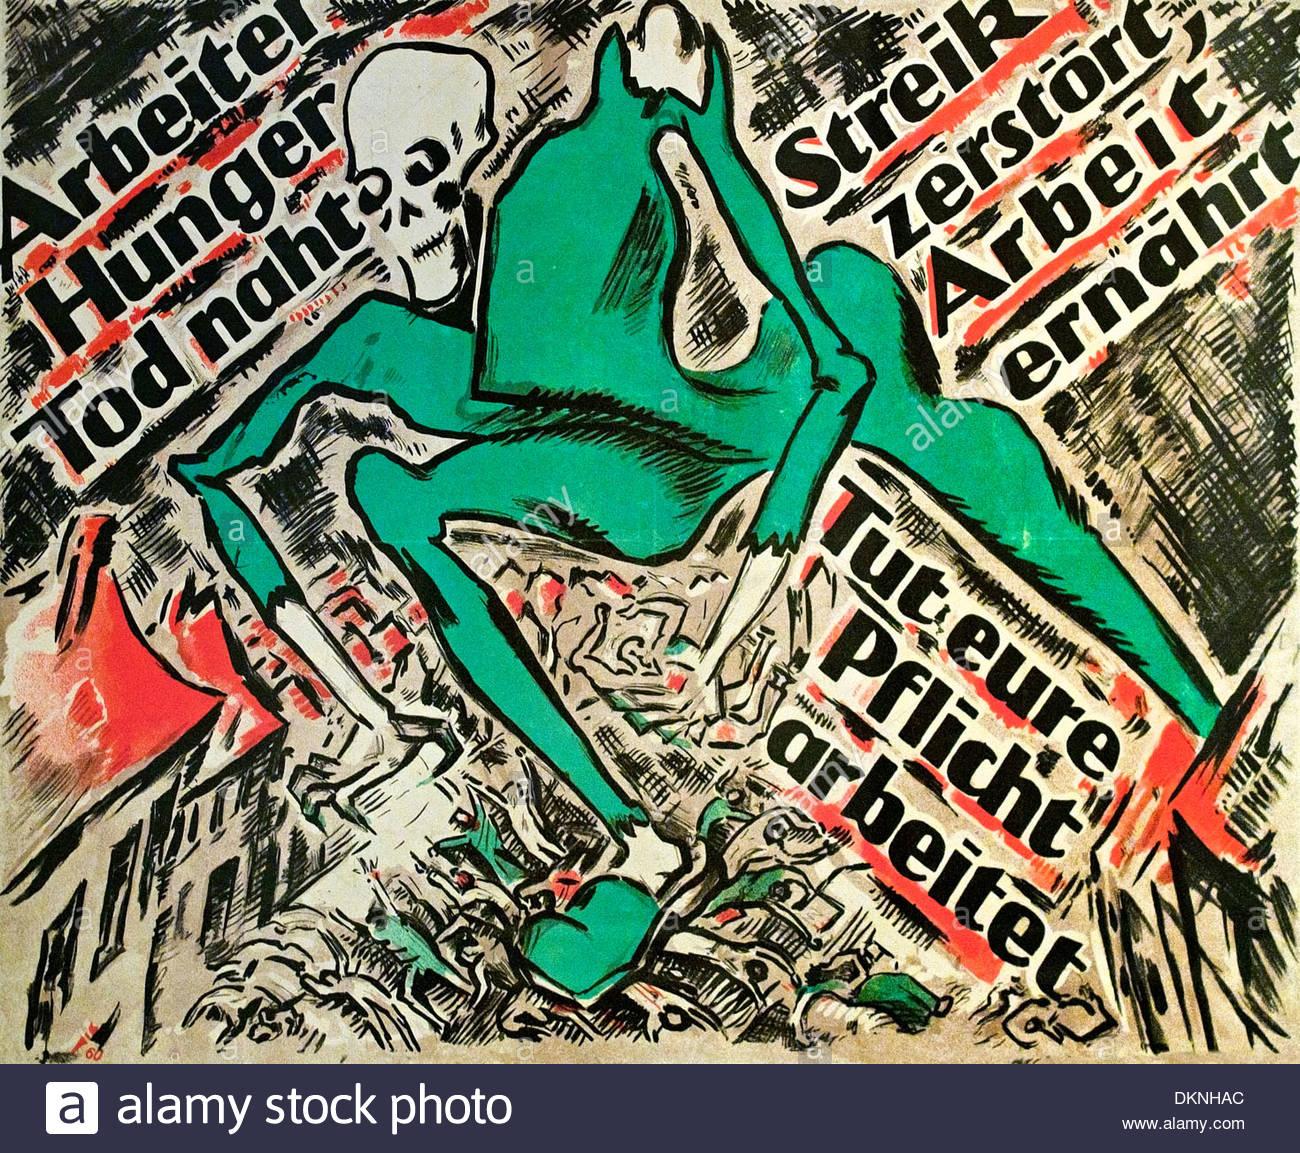 Les travailleurs de la faim et de la mort 1919 Heinz Fuchs 1886-1961 Allemand Allemagne Photo Stock